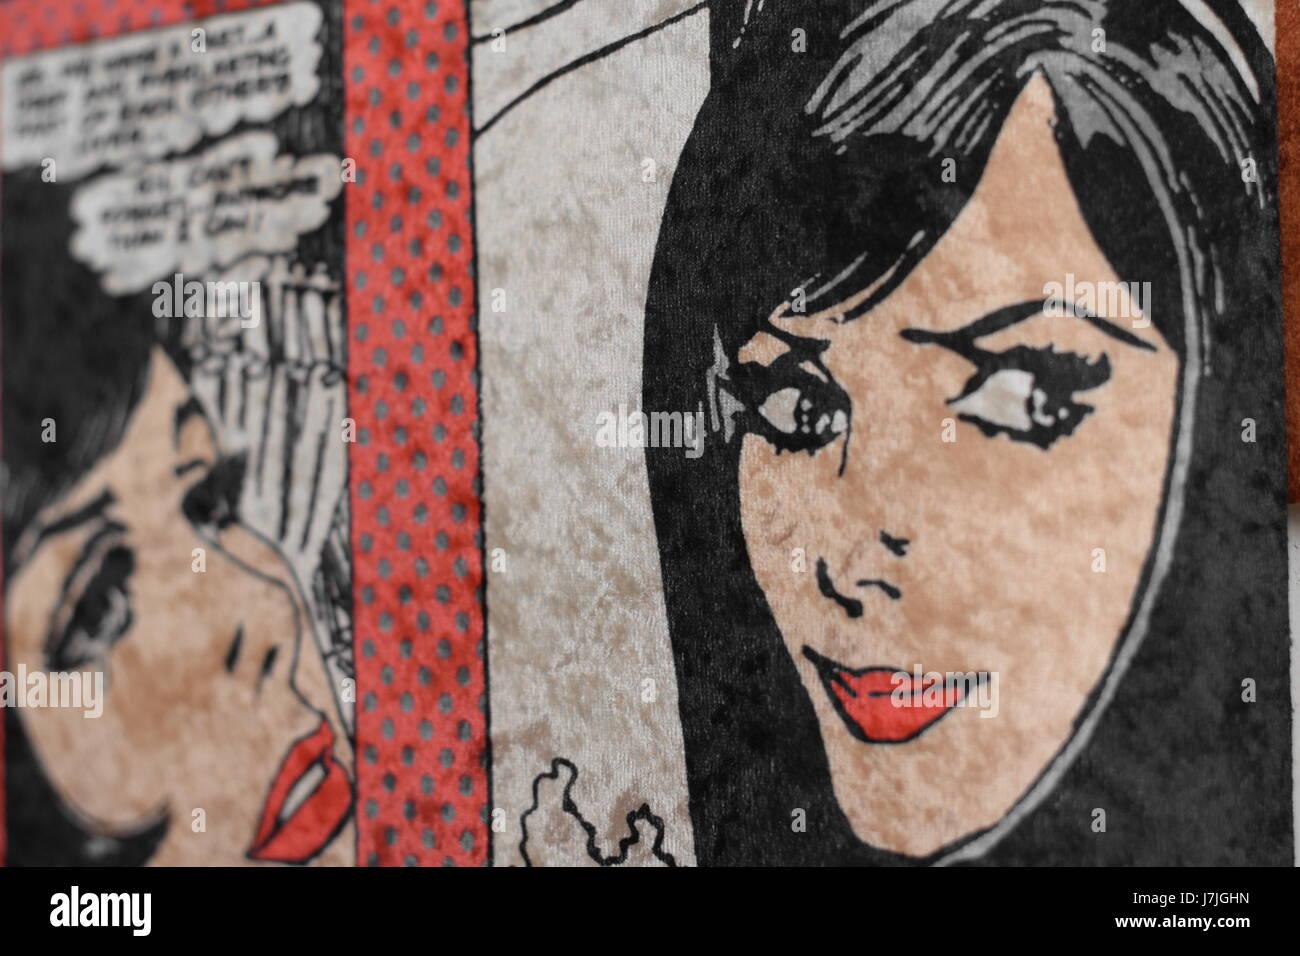 Una chica abstracta pintura en la pared. Imagen De Stock